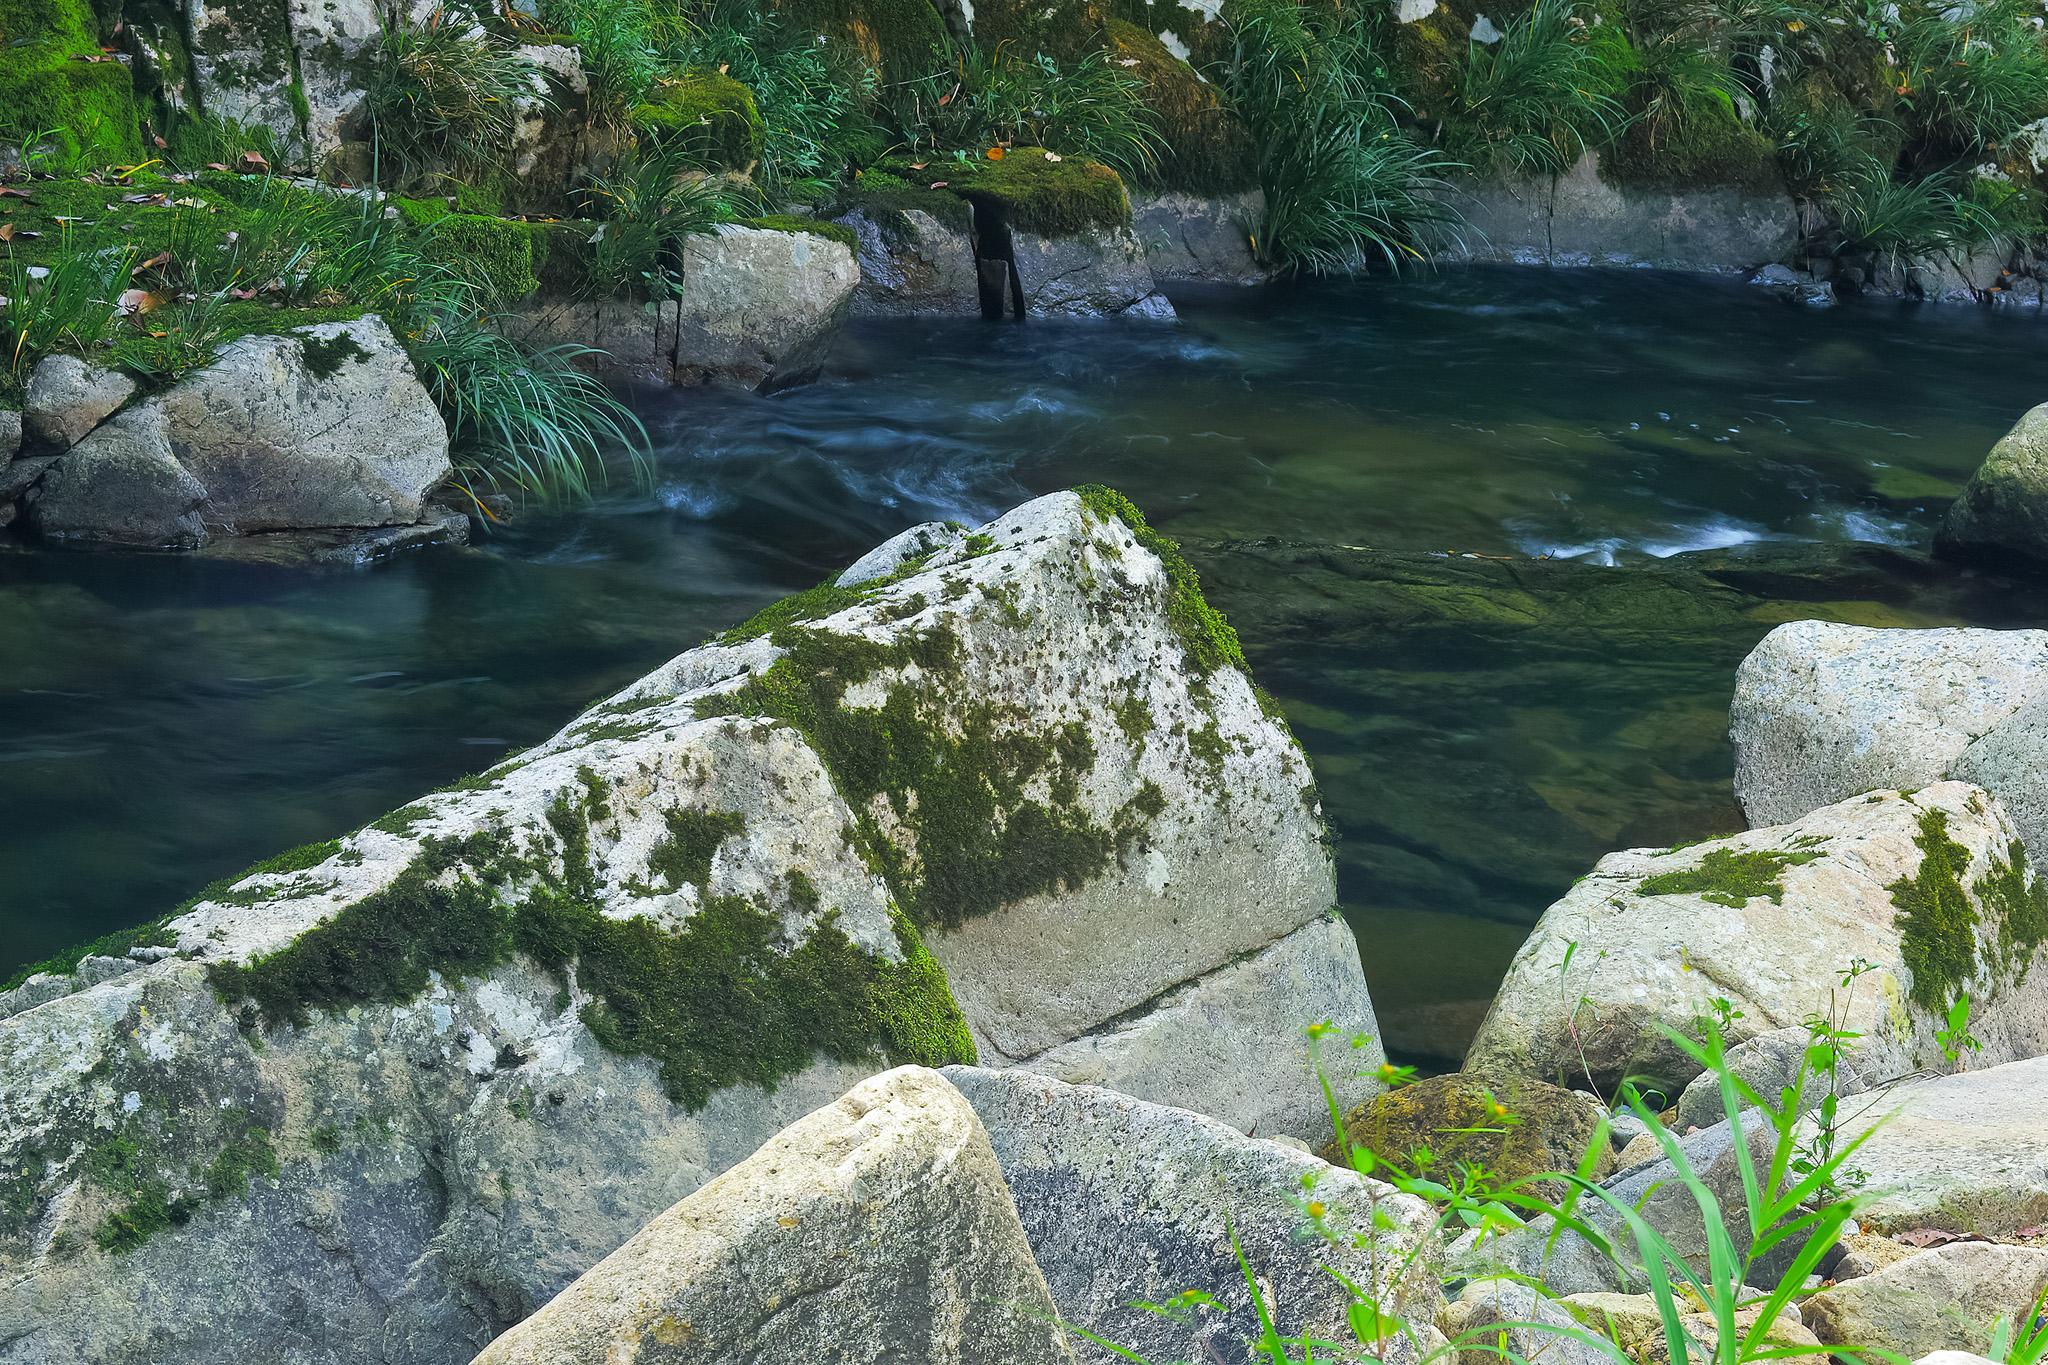 「大きな白い岩がある水辺」の画像を無料ダウンロード